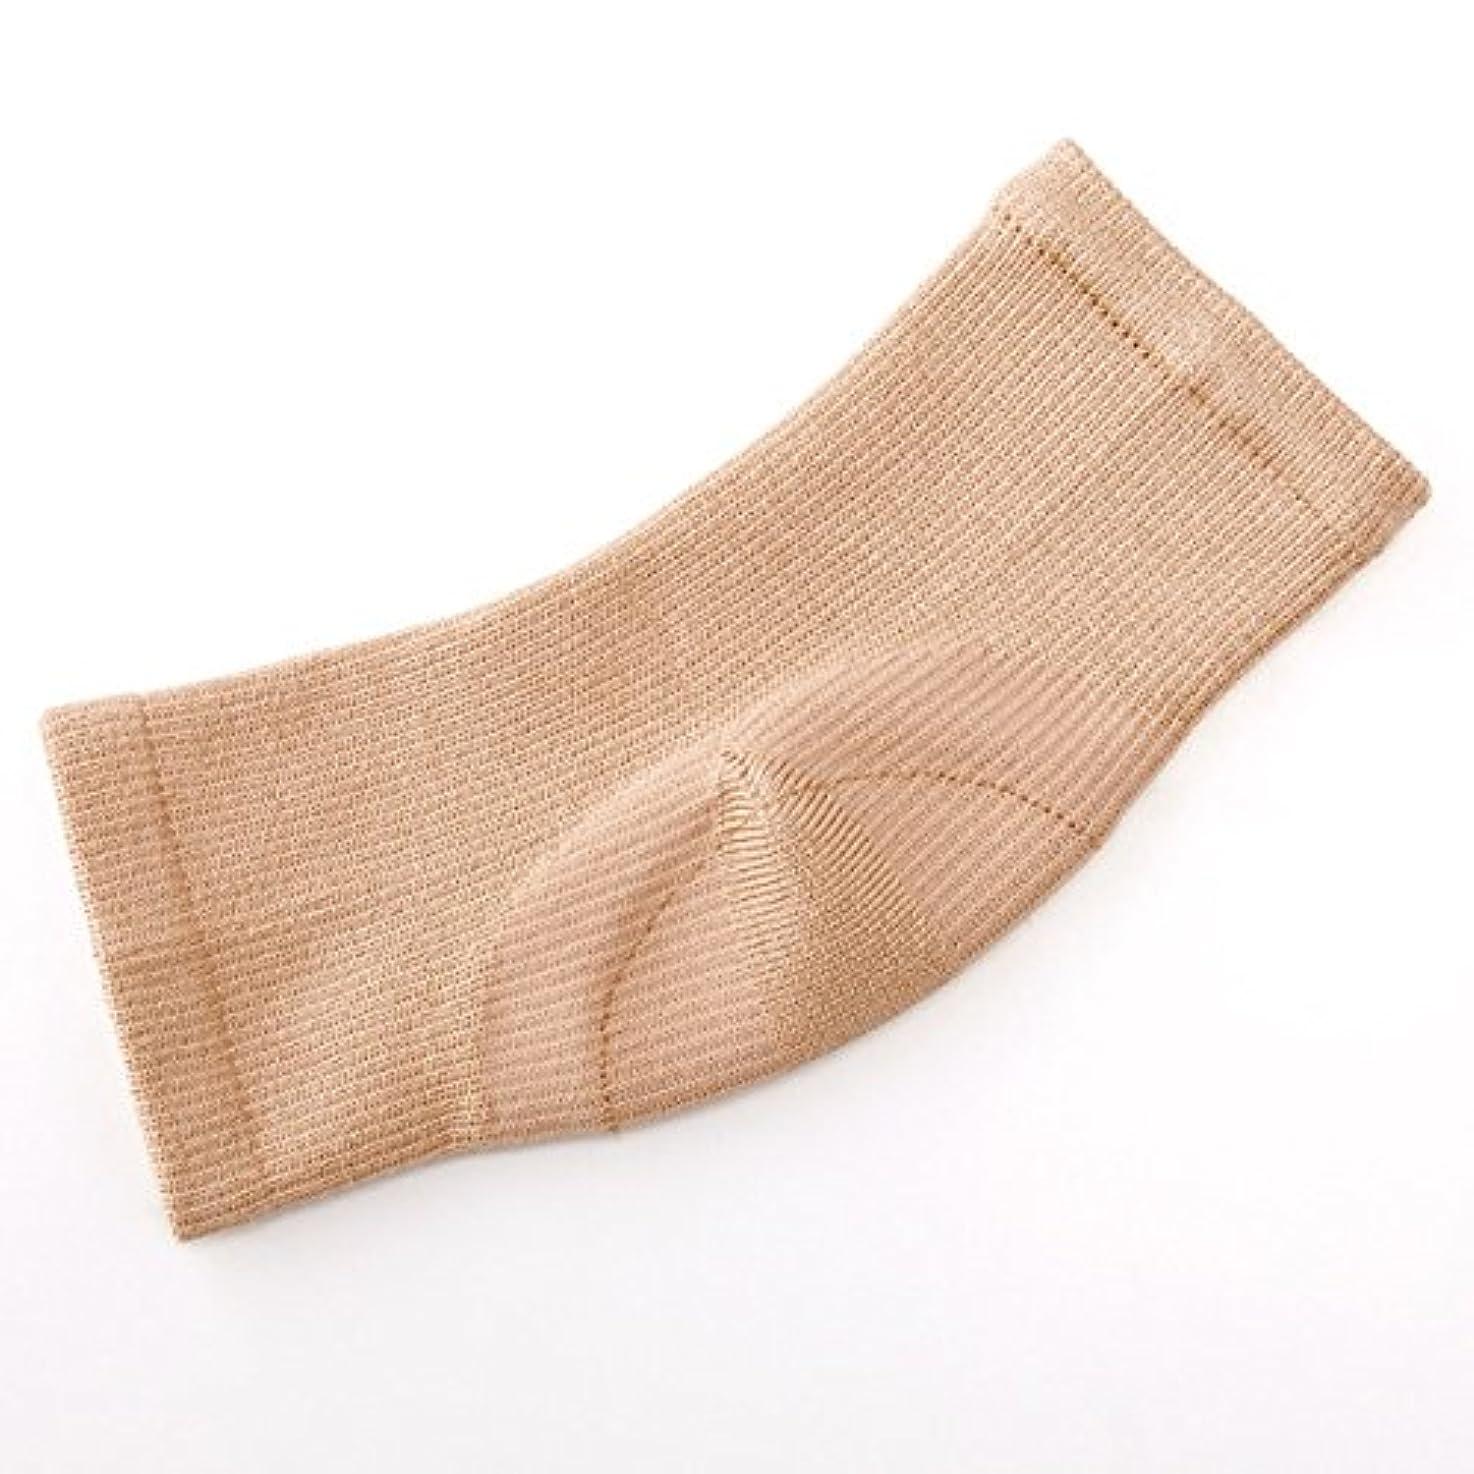 帰するバブル幻滅するシルク混かかと足裏つるるん シルク混 フットカバー かかと 保湿 フットケア 靴下